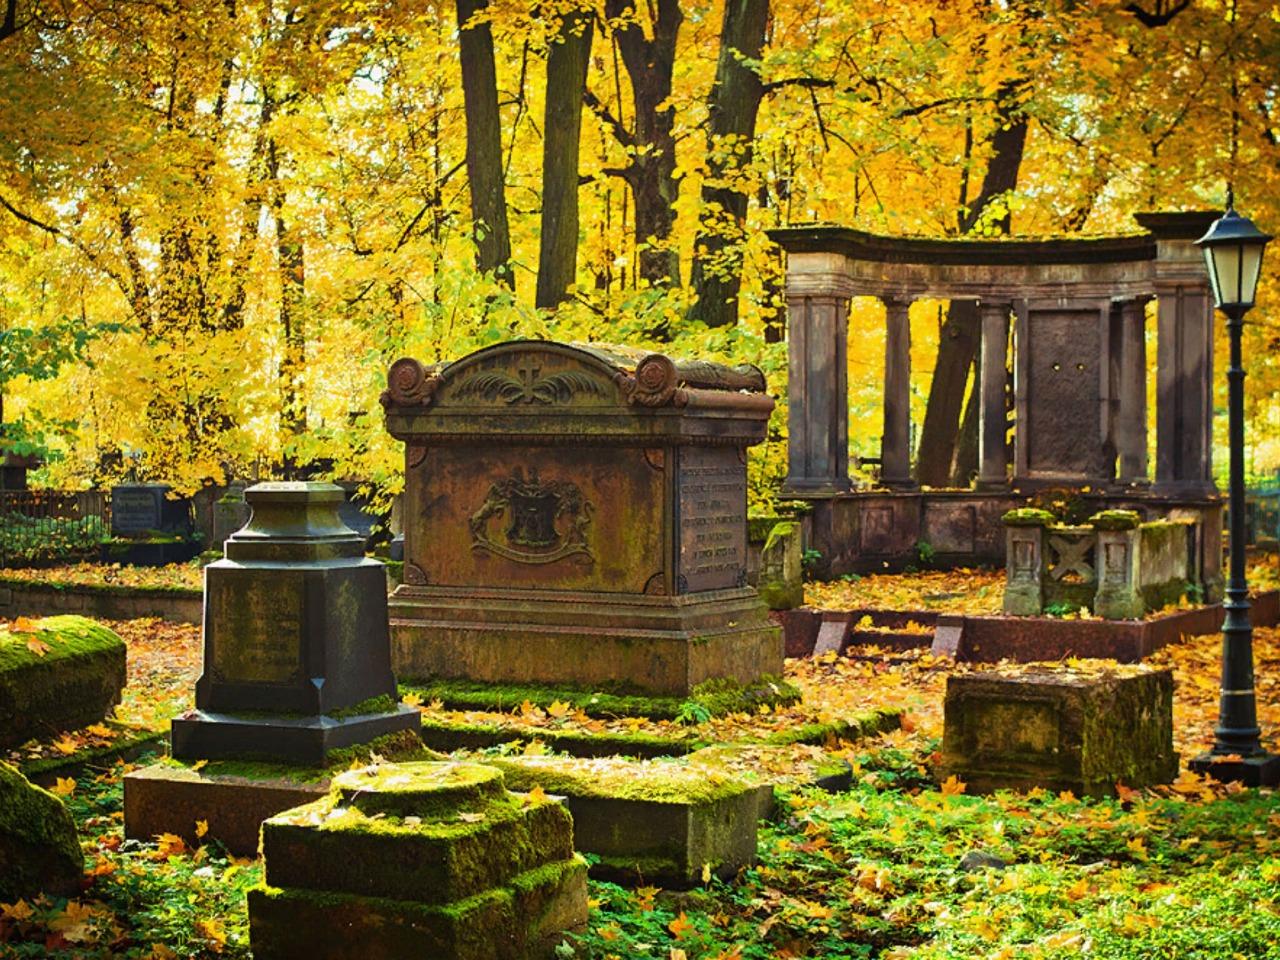 Исторические кладбища Петербурга - индивидуальная экскурсия по Санкт-Петербургу от опытного гида